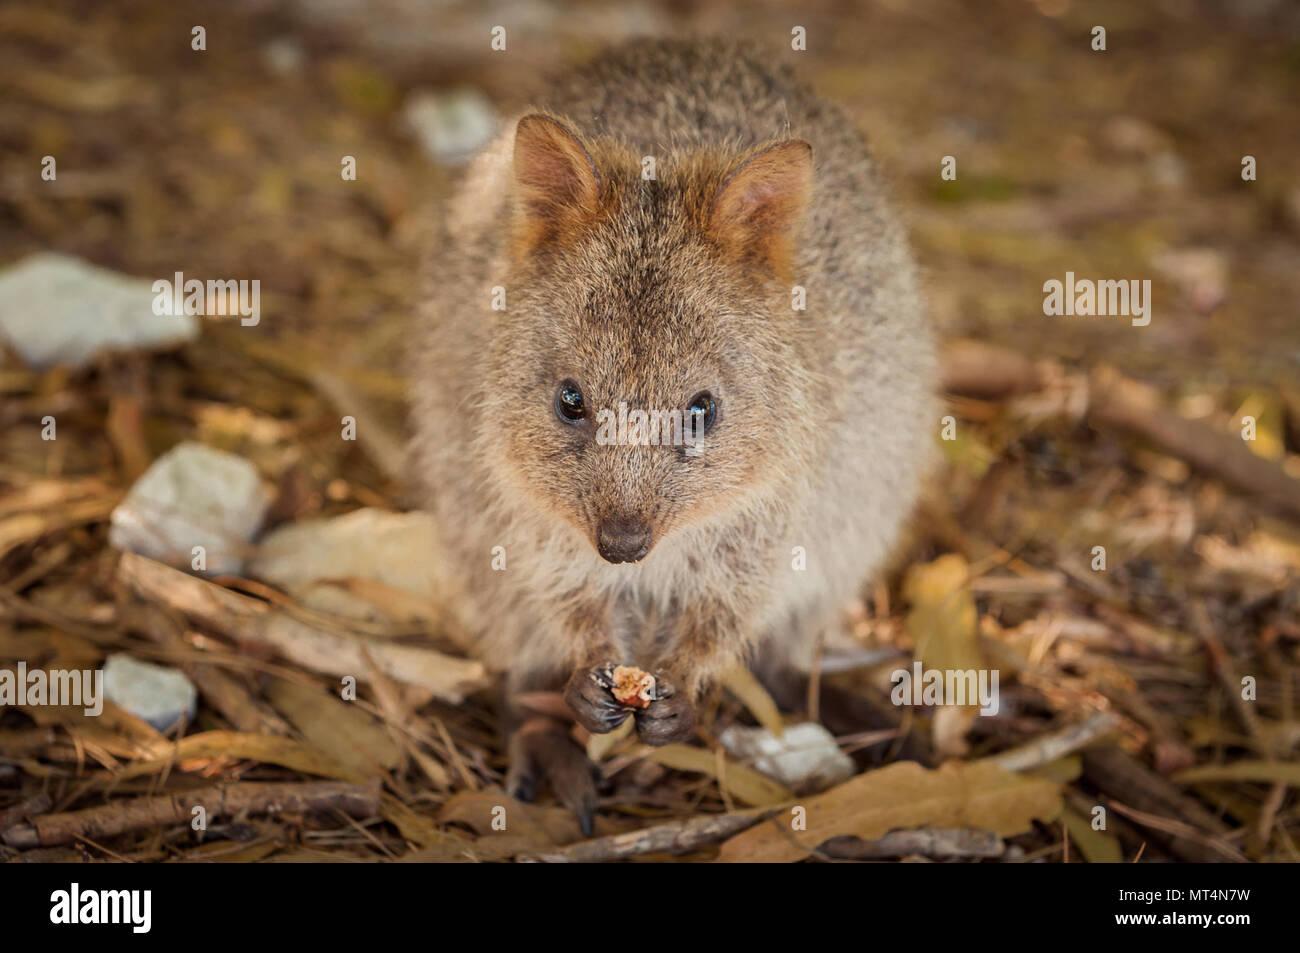 Die quokka ist eine seltene Känguru Arten nur auf Rottnest Island. Stockfoto